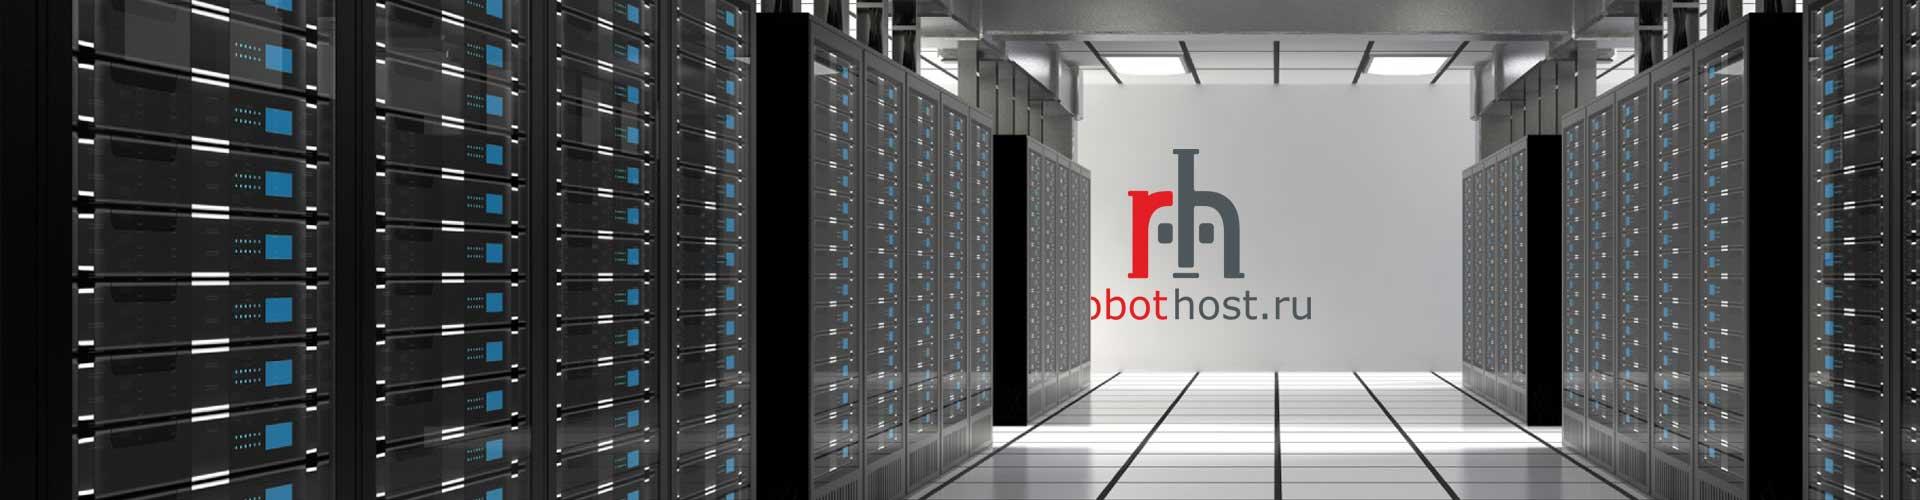 ROBOTHOST.RU